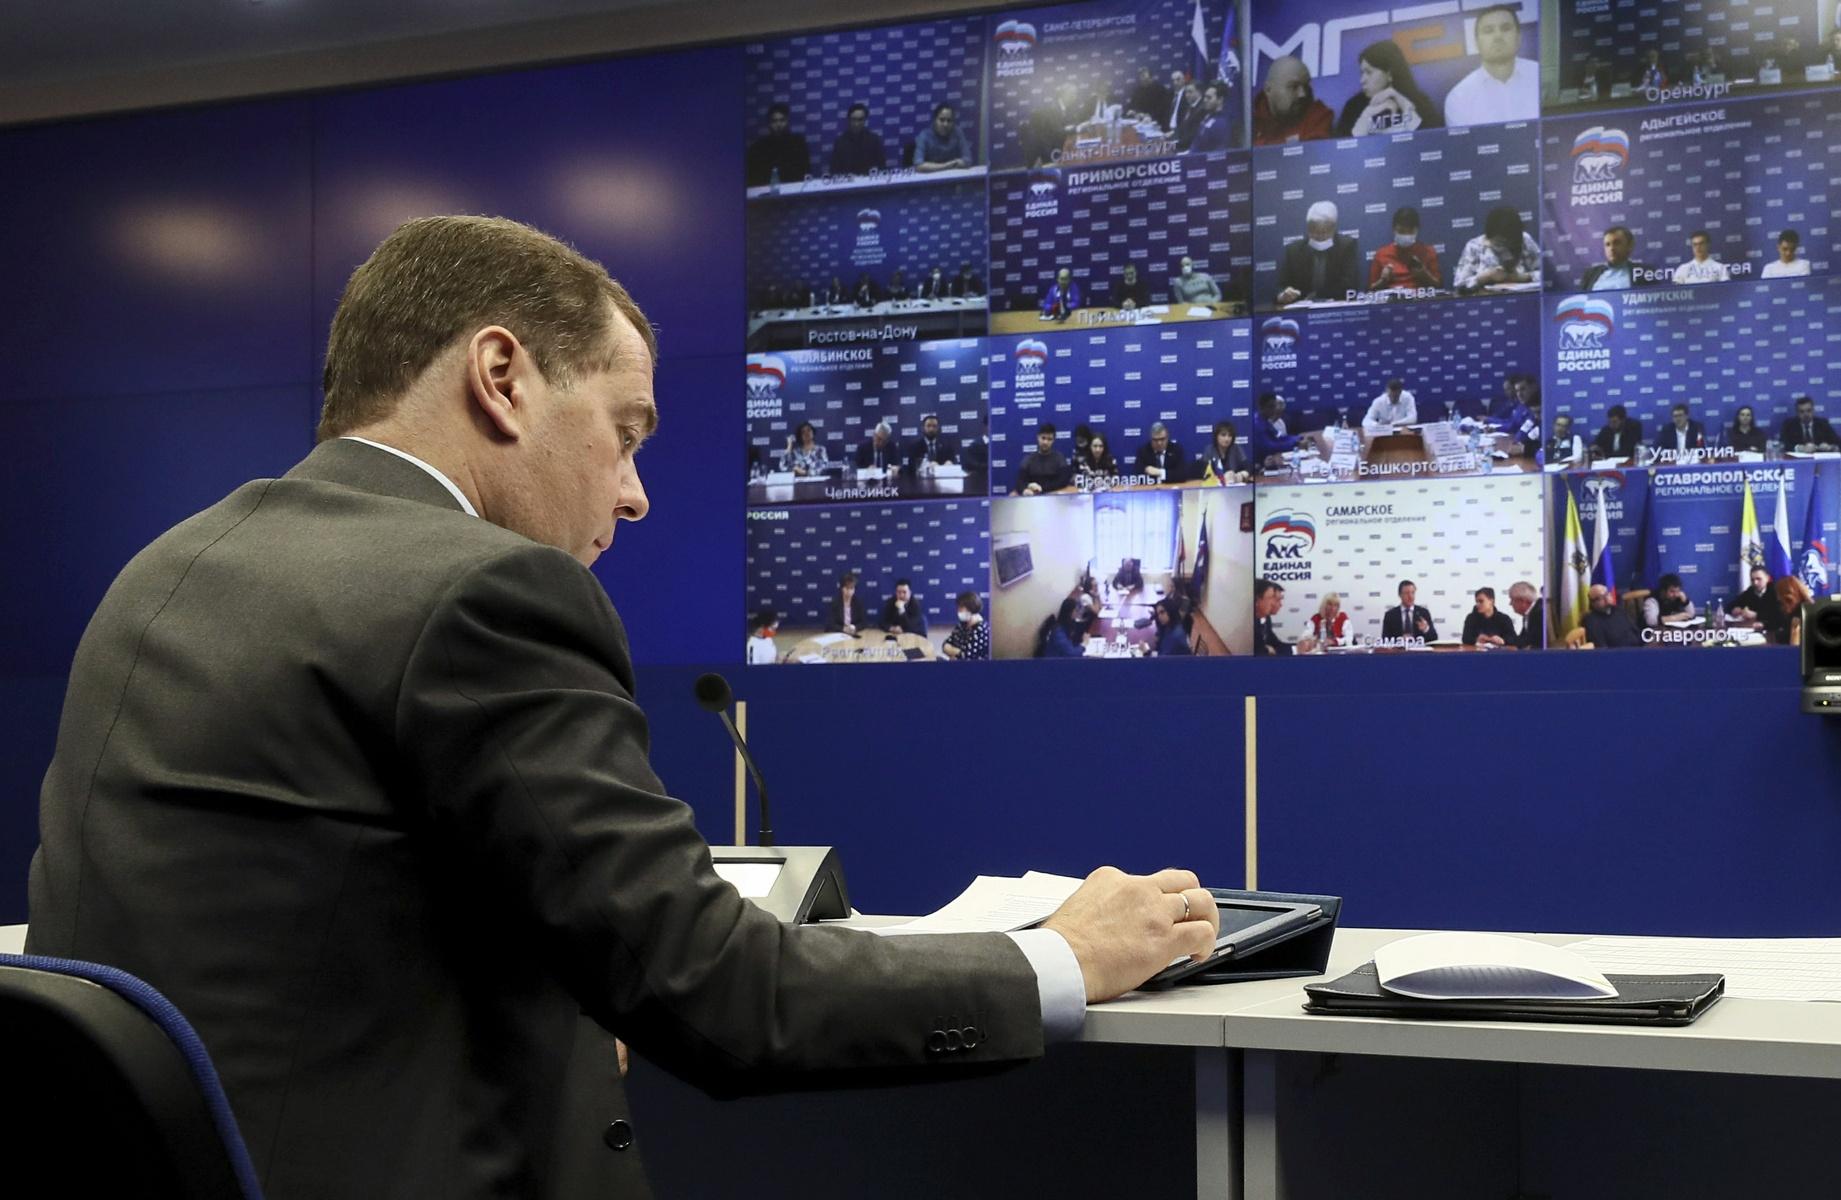 Дмитрий Медведев провел видеосовещание с представителями волонтерских центров «Единой России» по оказанию помощи гражданам в связи с пандемией коронавируса